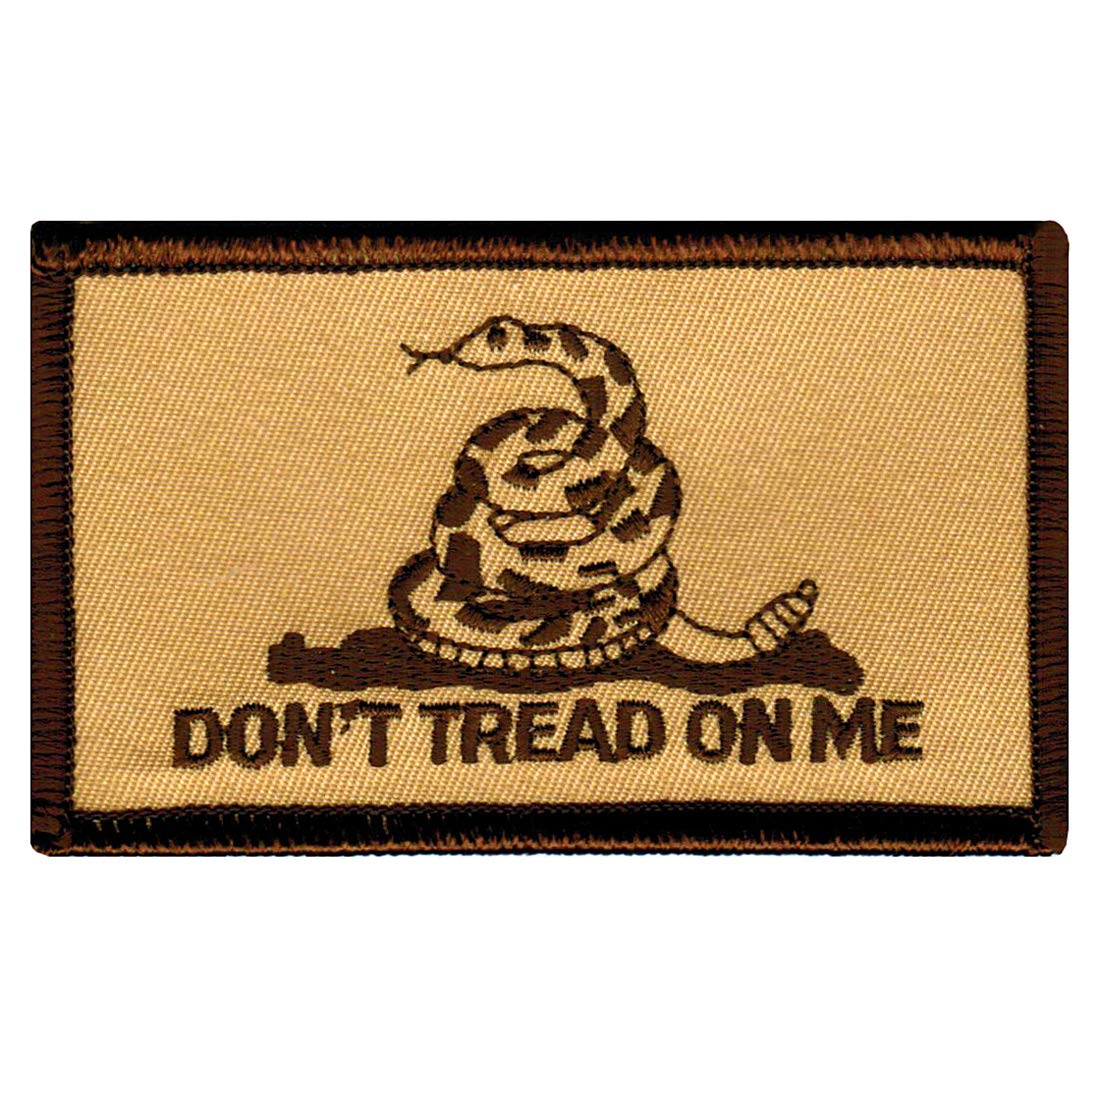 Gadsden Flagタン刺繍パッチないTread On MeアイロンAmerican Subdued   B003RYK3US